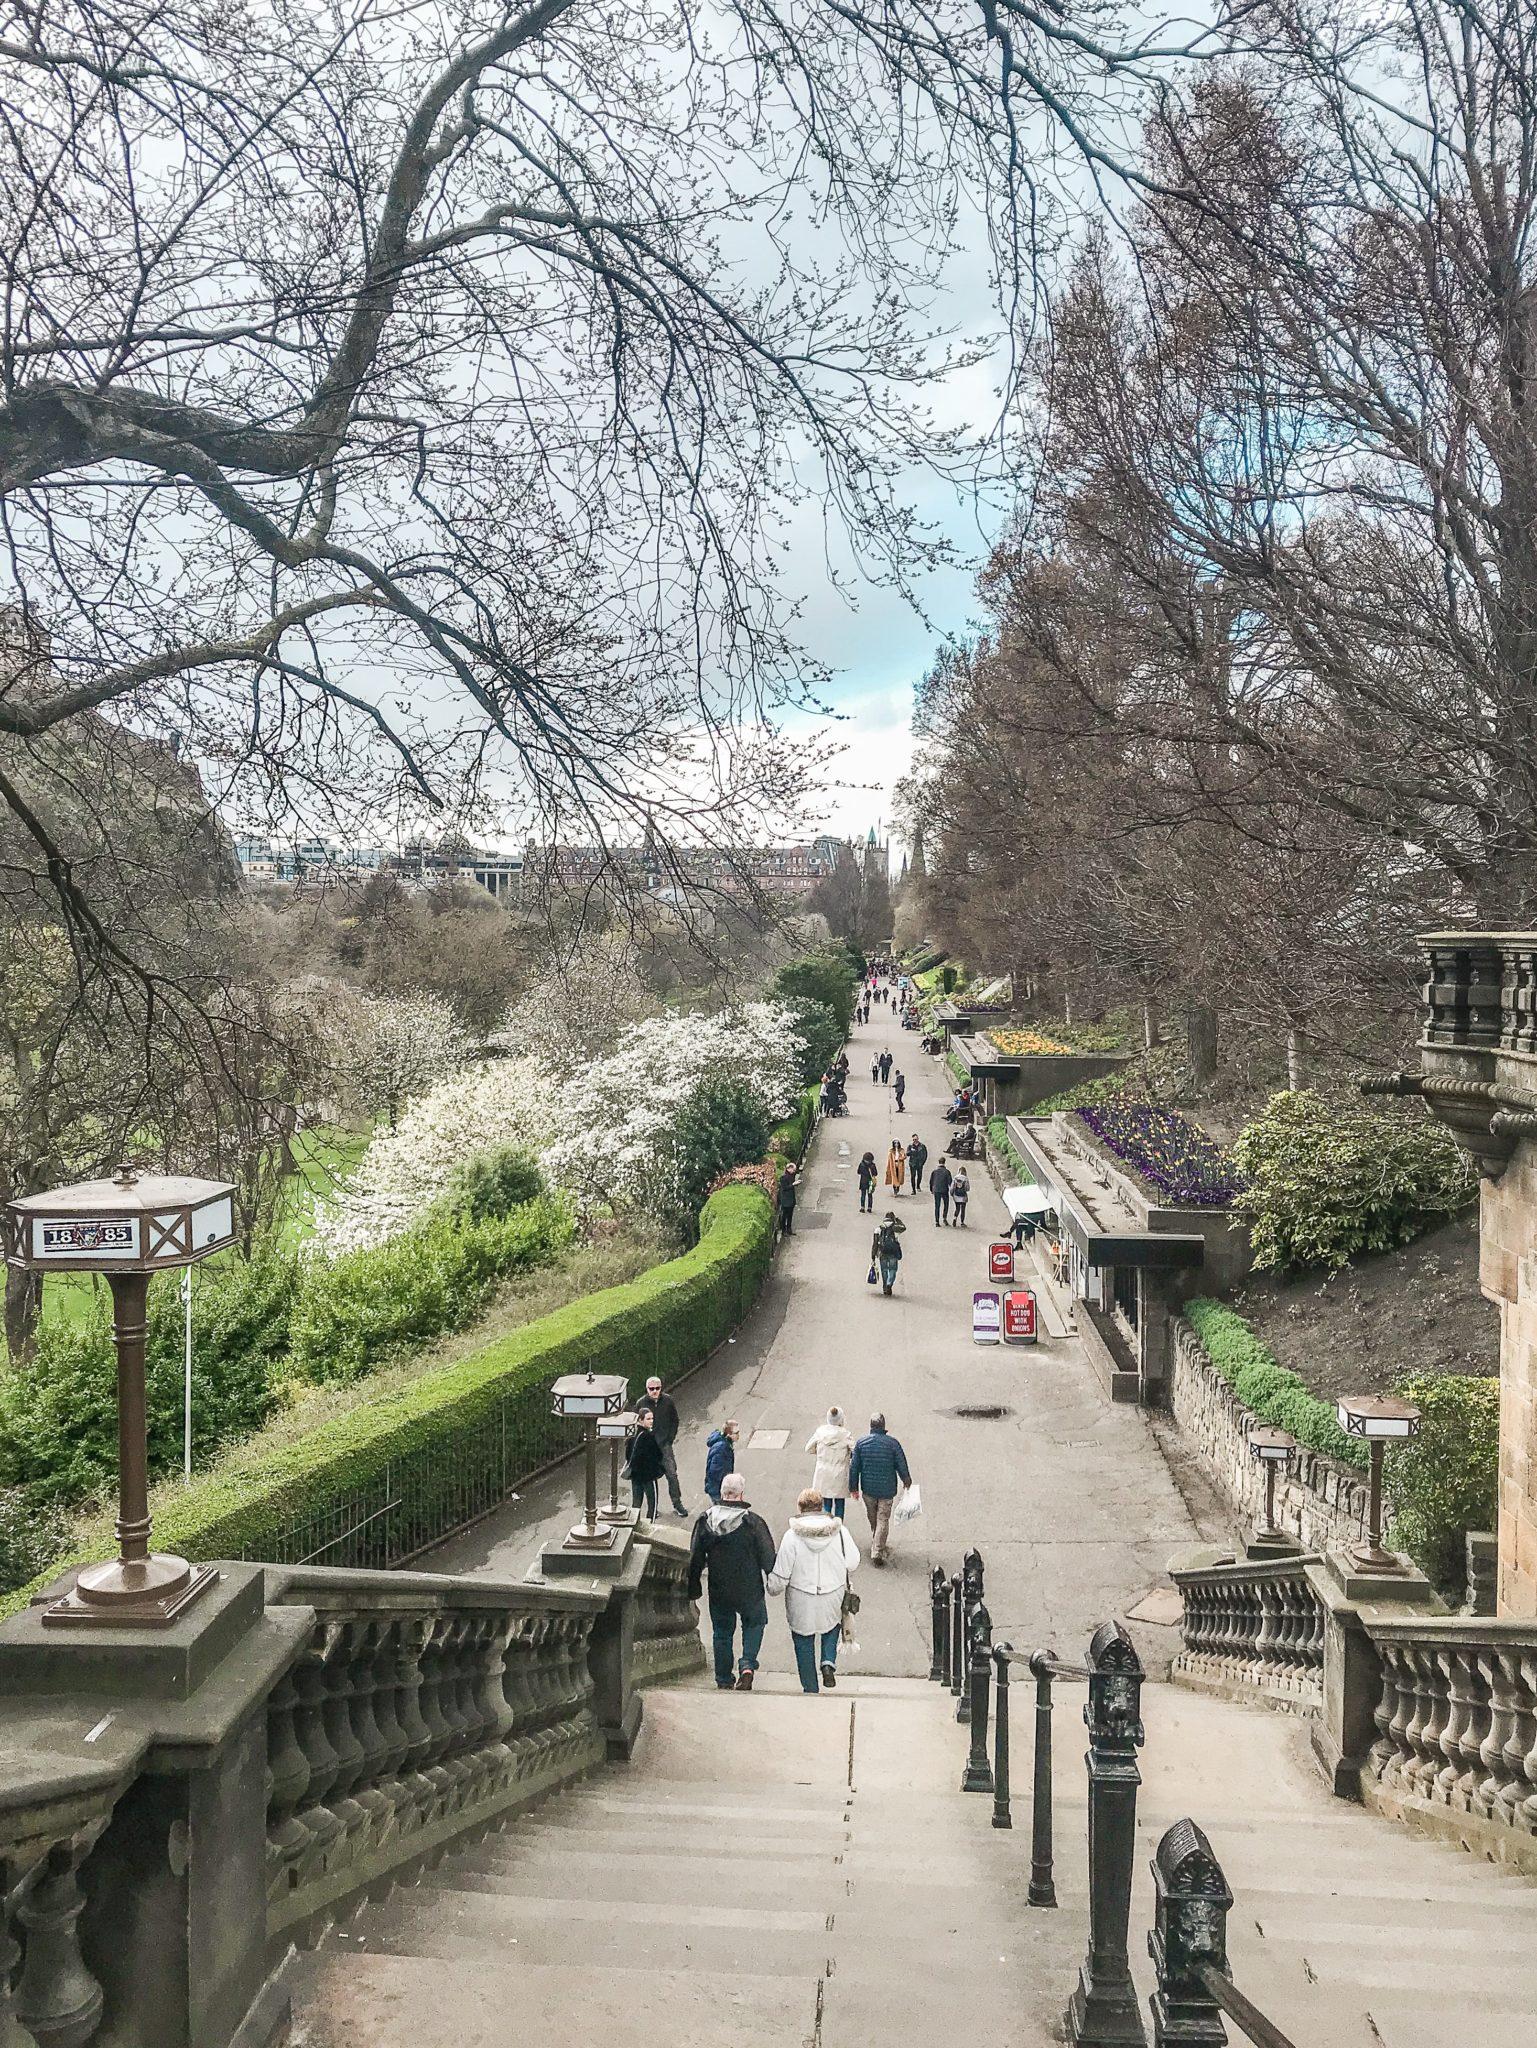 atrakcje turystyczne w edynburgu